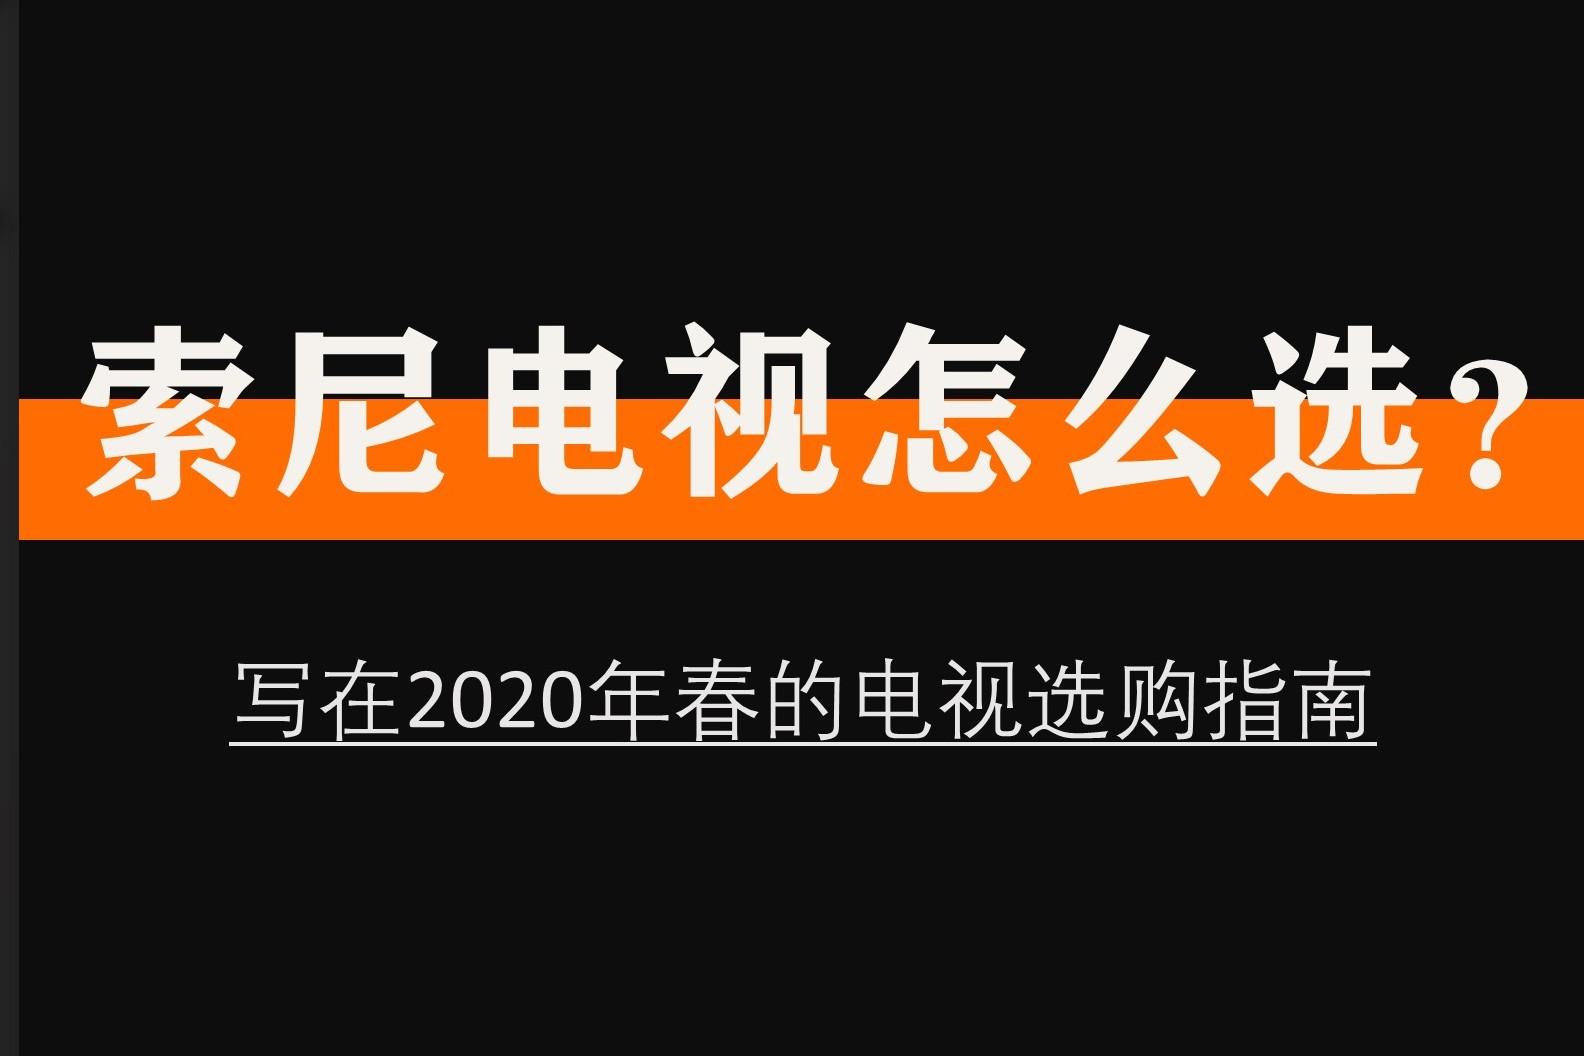 索尼电视怎么选?写在2020年春的电视选购指南